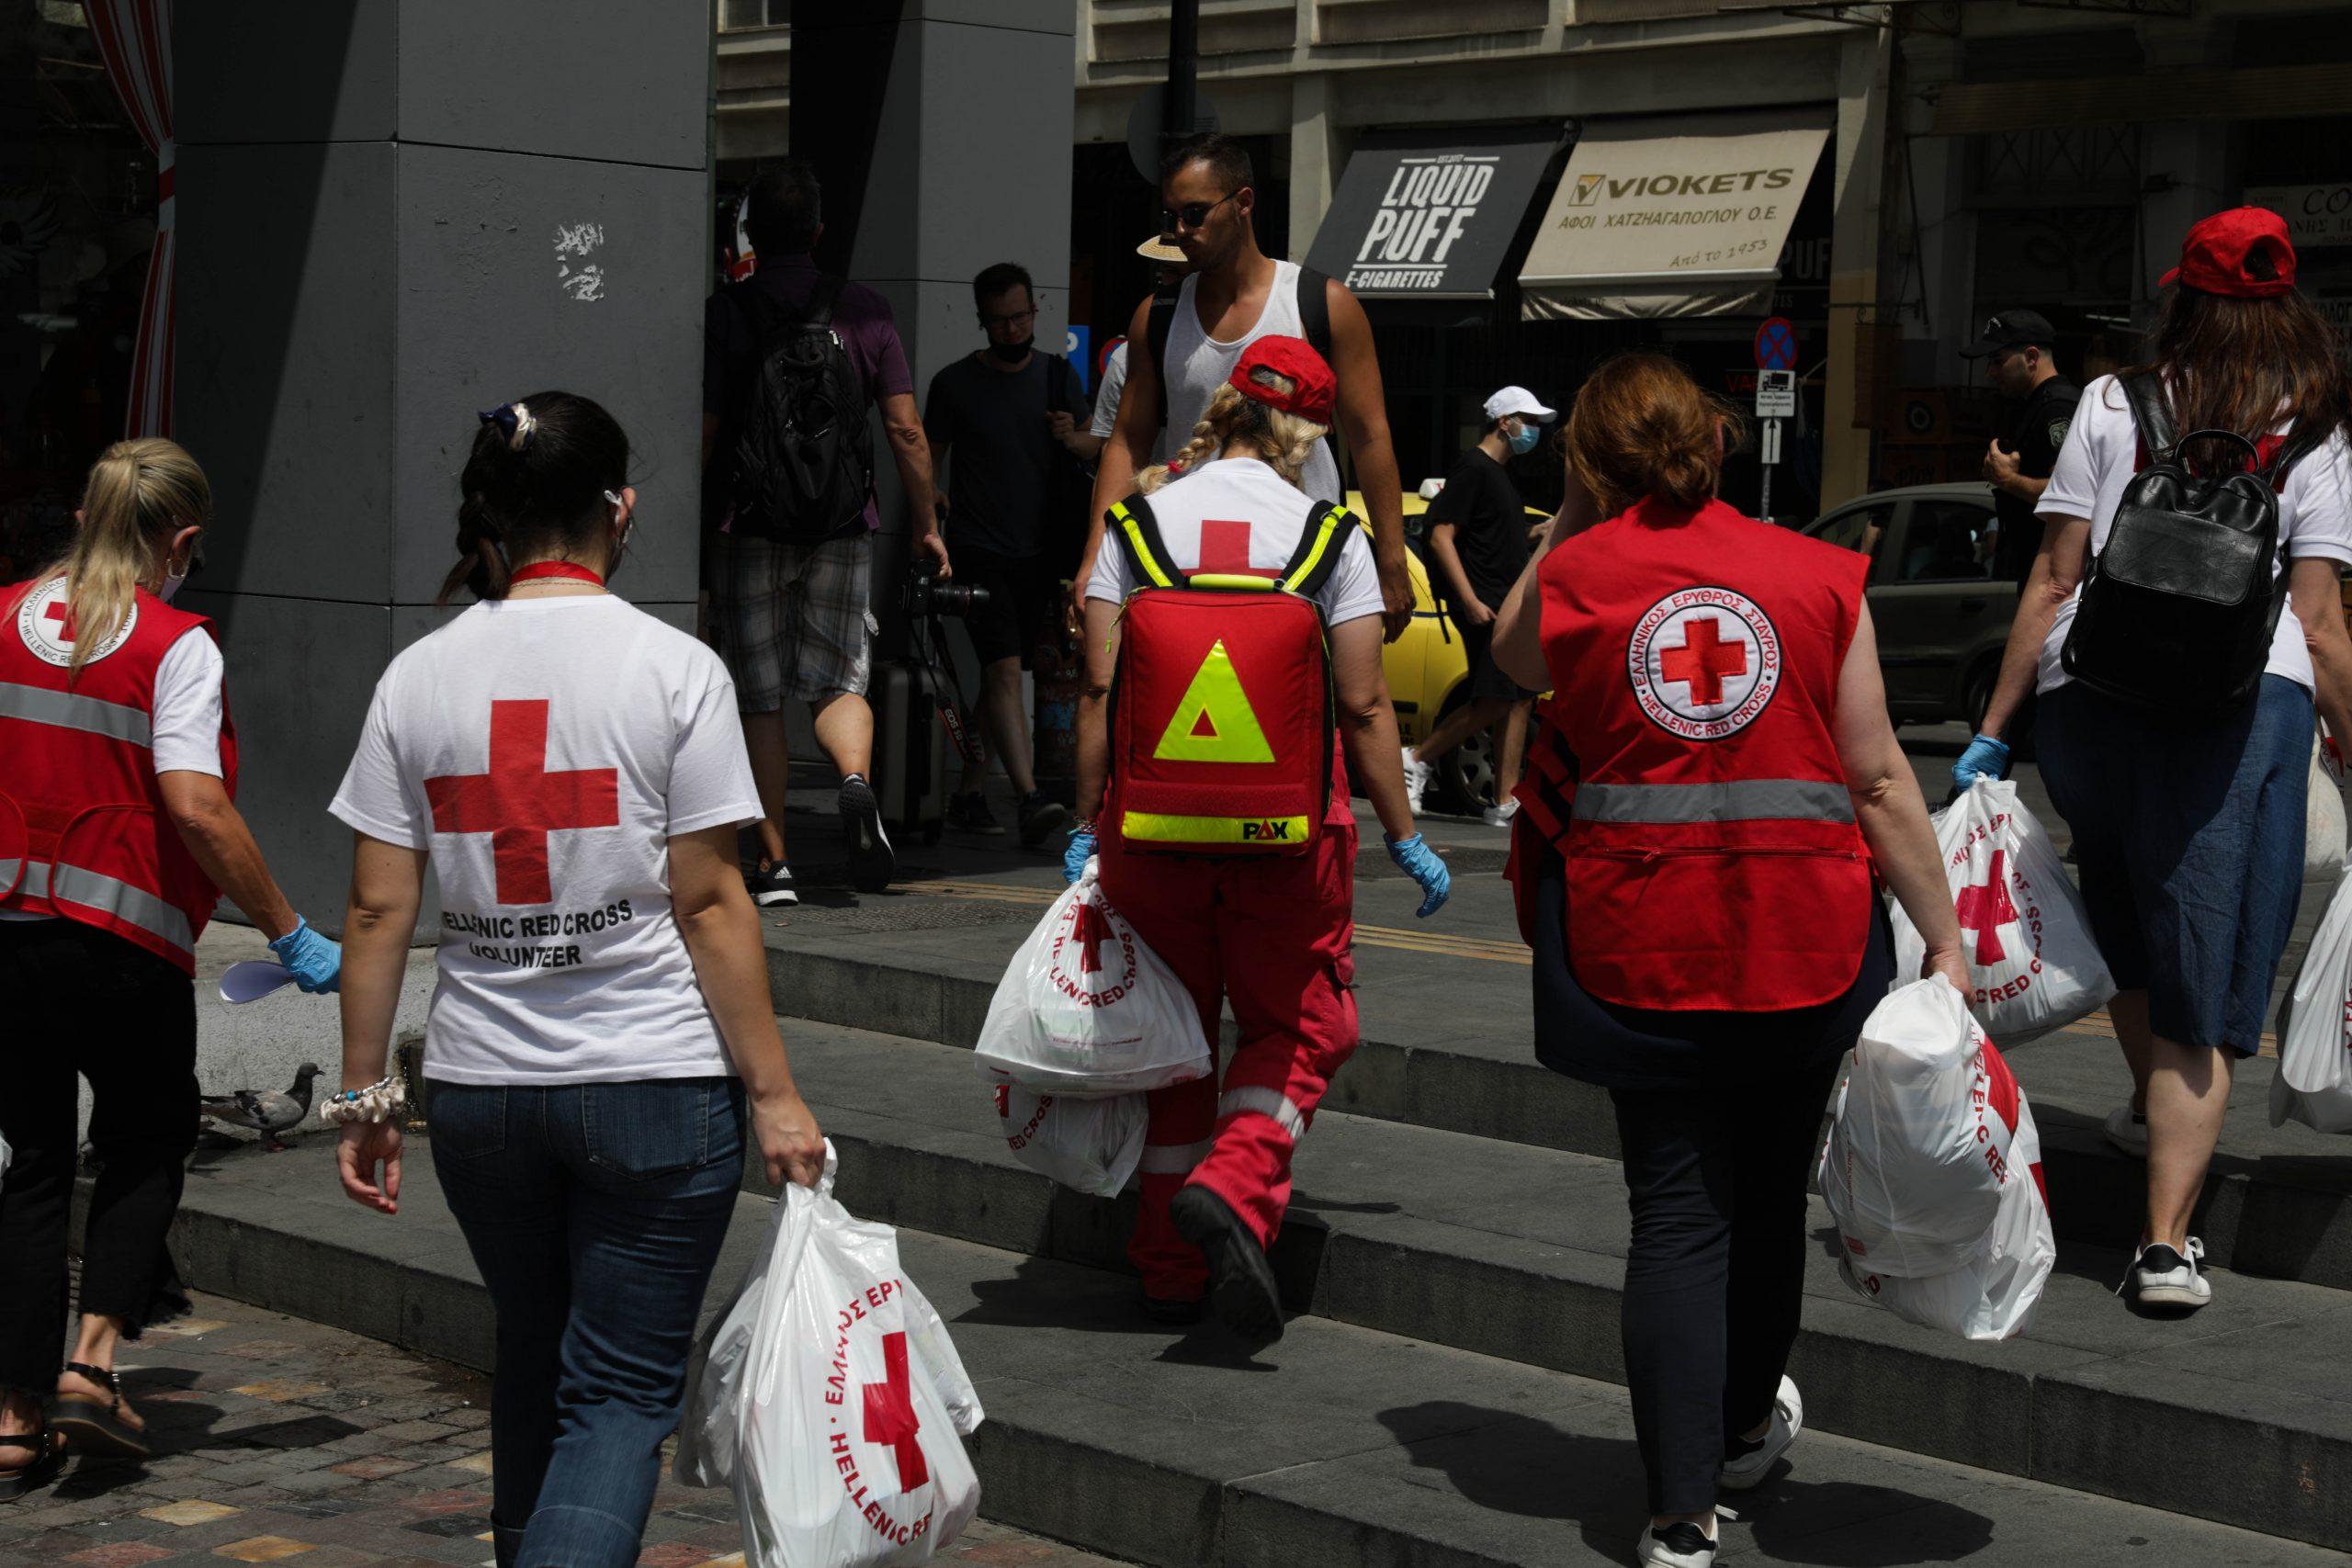 Ο ΕΕΣ συνεχίζει τις δράσεις για την υποστήριξη των αστέγων τις πιο θερμές ημέρες του καλοκαιριού